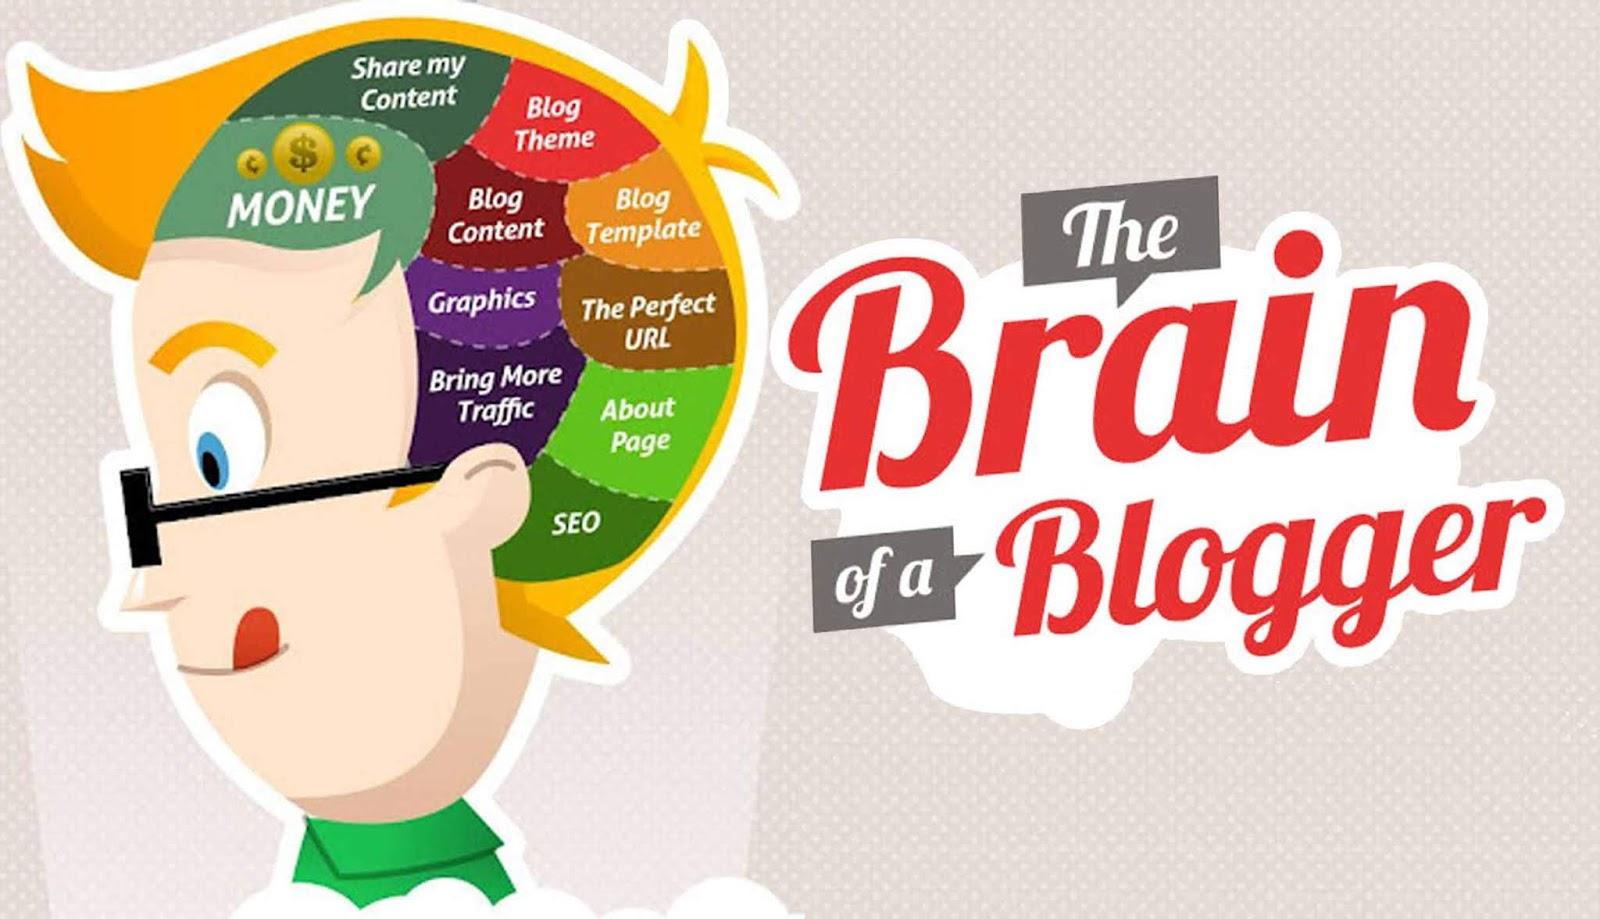 5 Hal yang Harus Dilakukan setelah Membuat Blog Baru